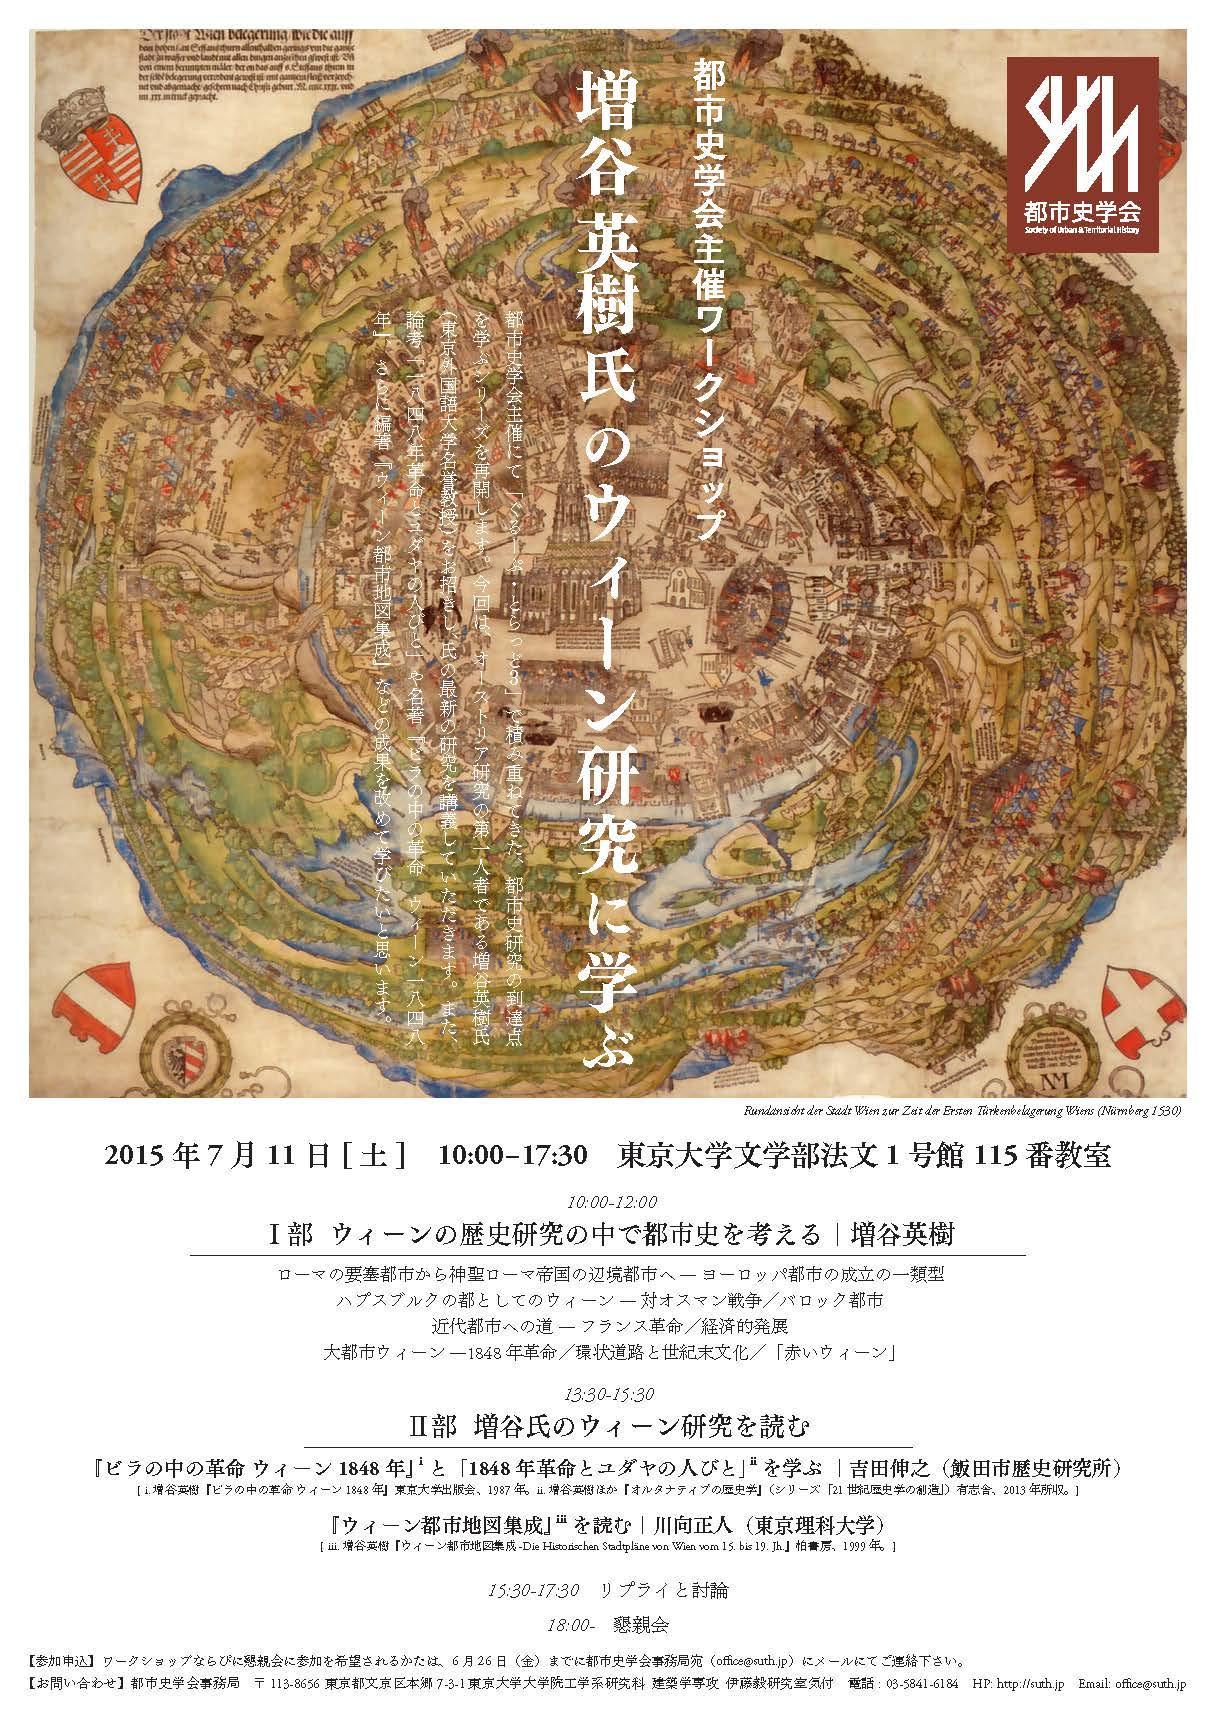 20150711ウィーンワークショップポスター